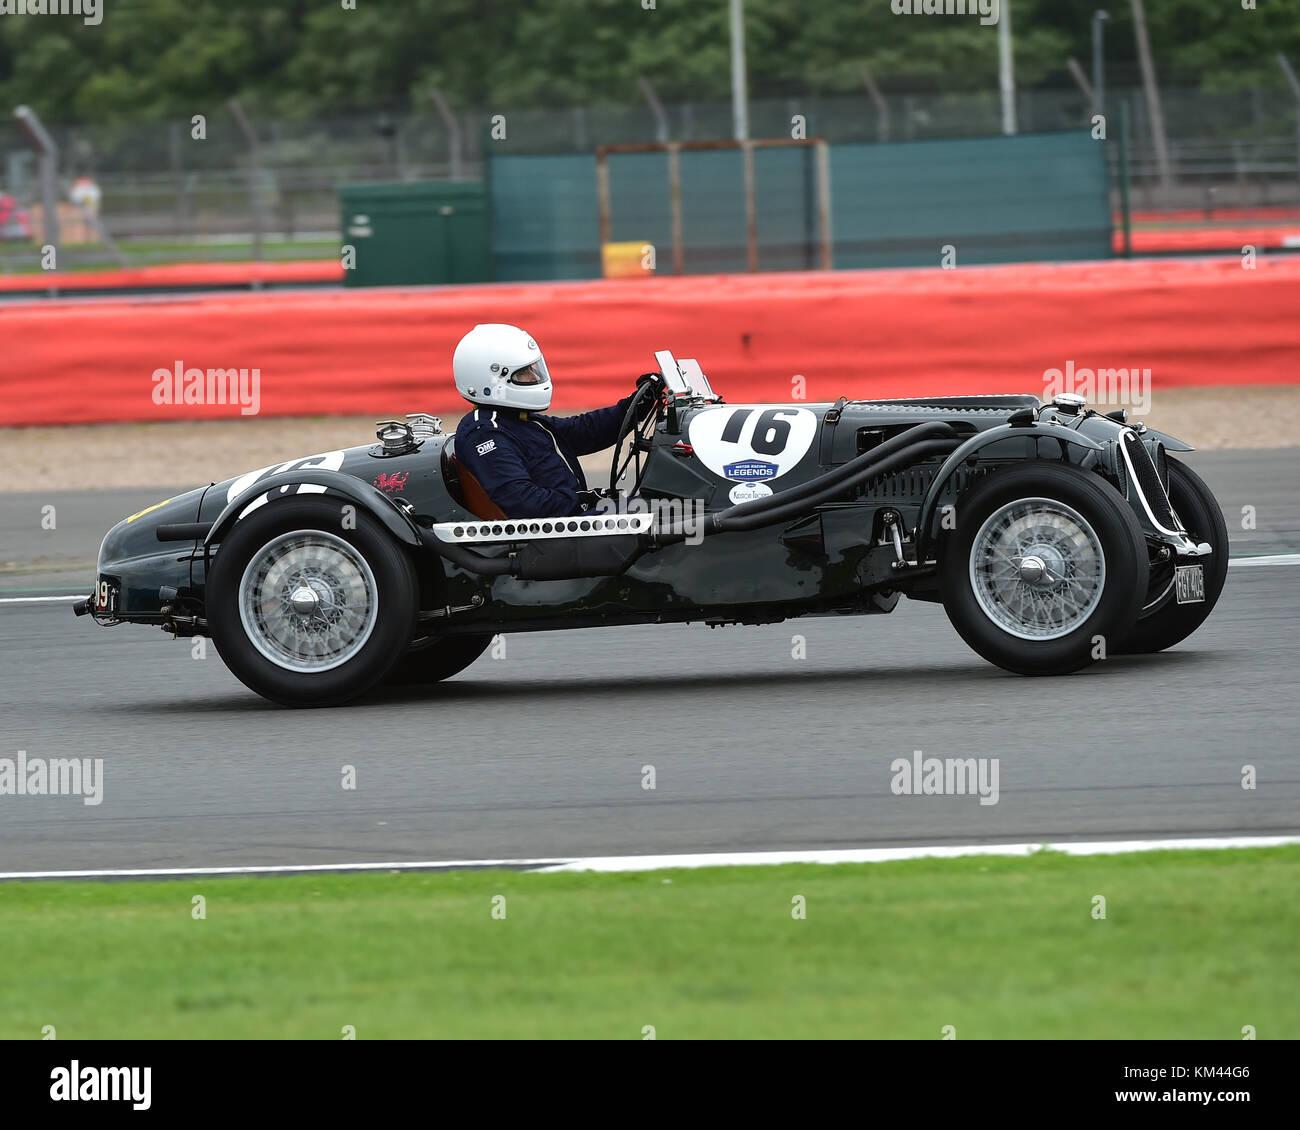 Alan Middleton Aston Martin Speed Red Dragon Kidston Trophy Stock Photo Alamy